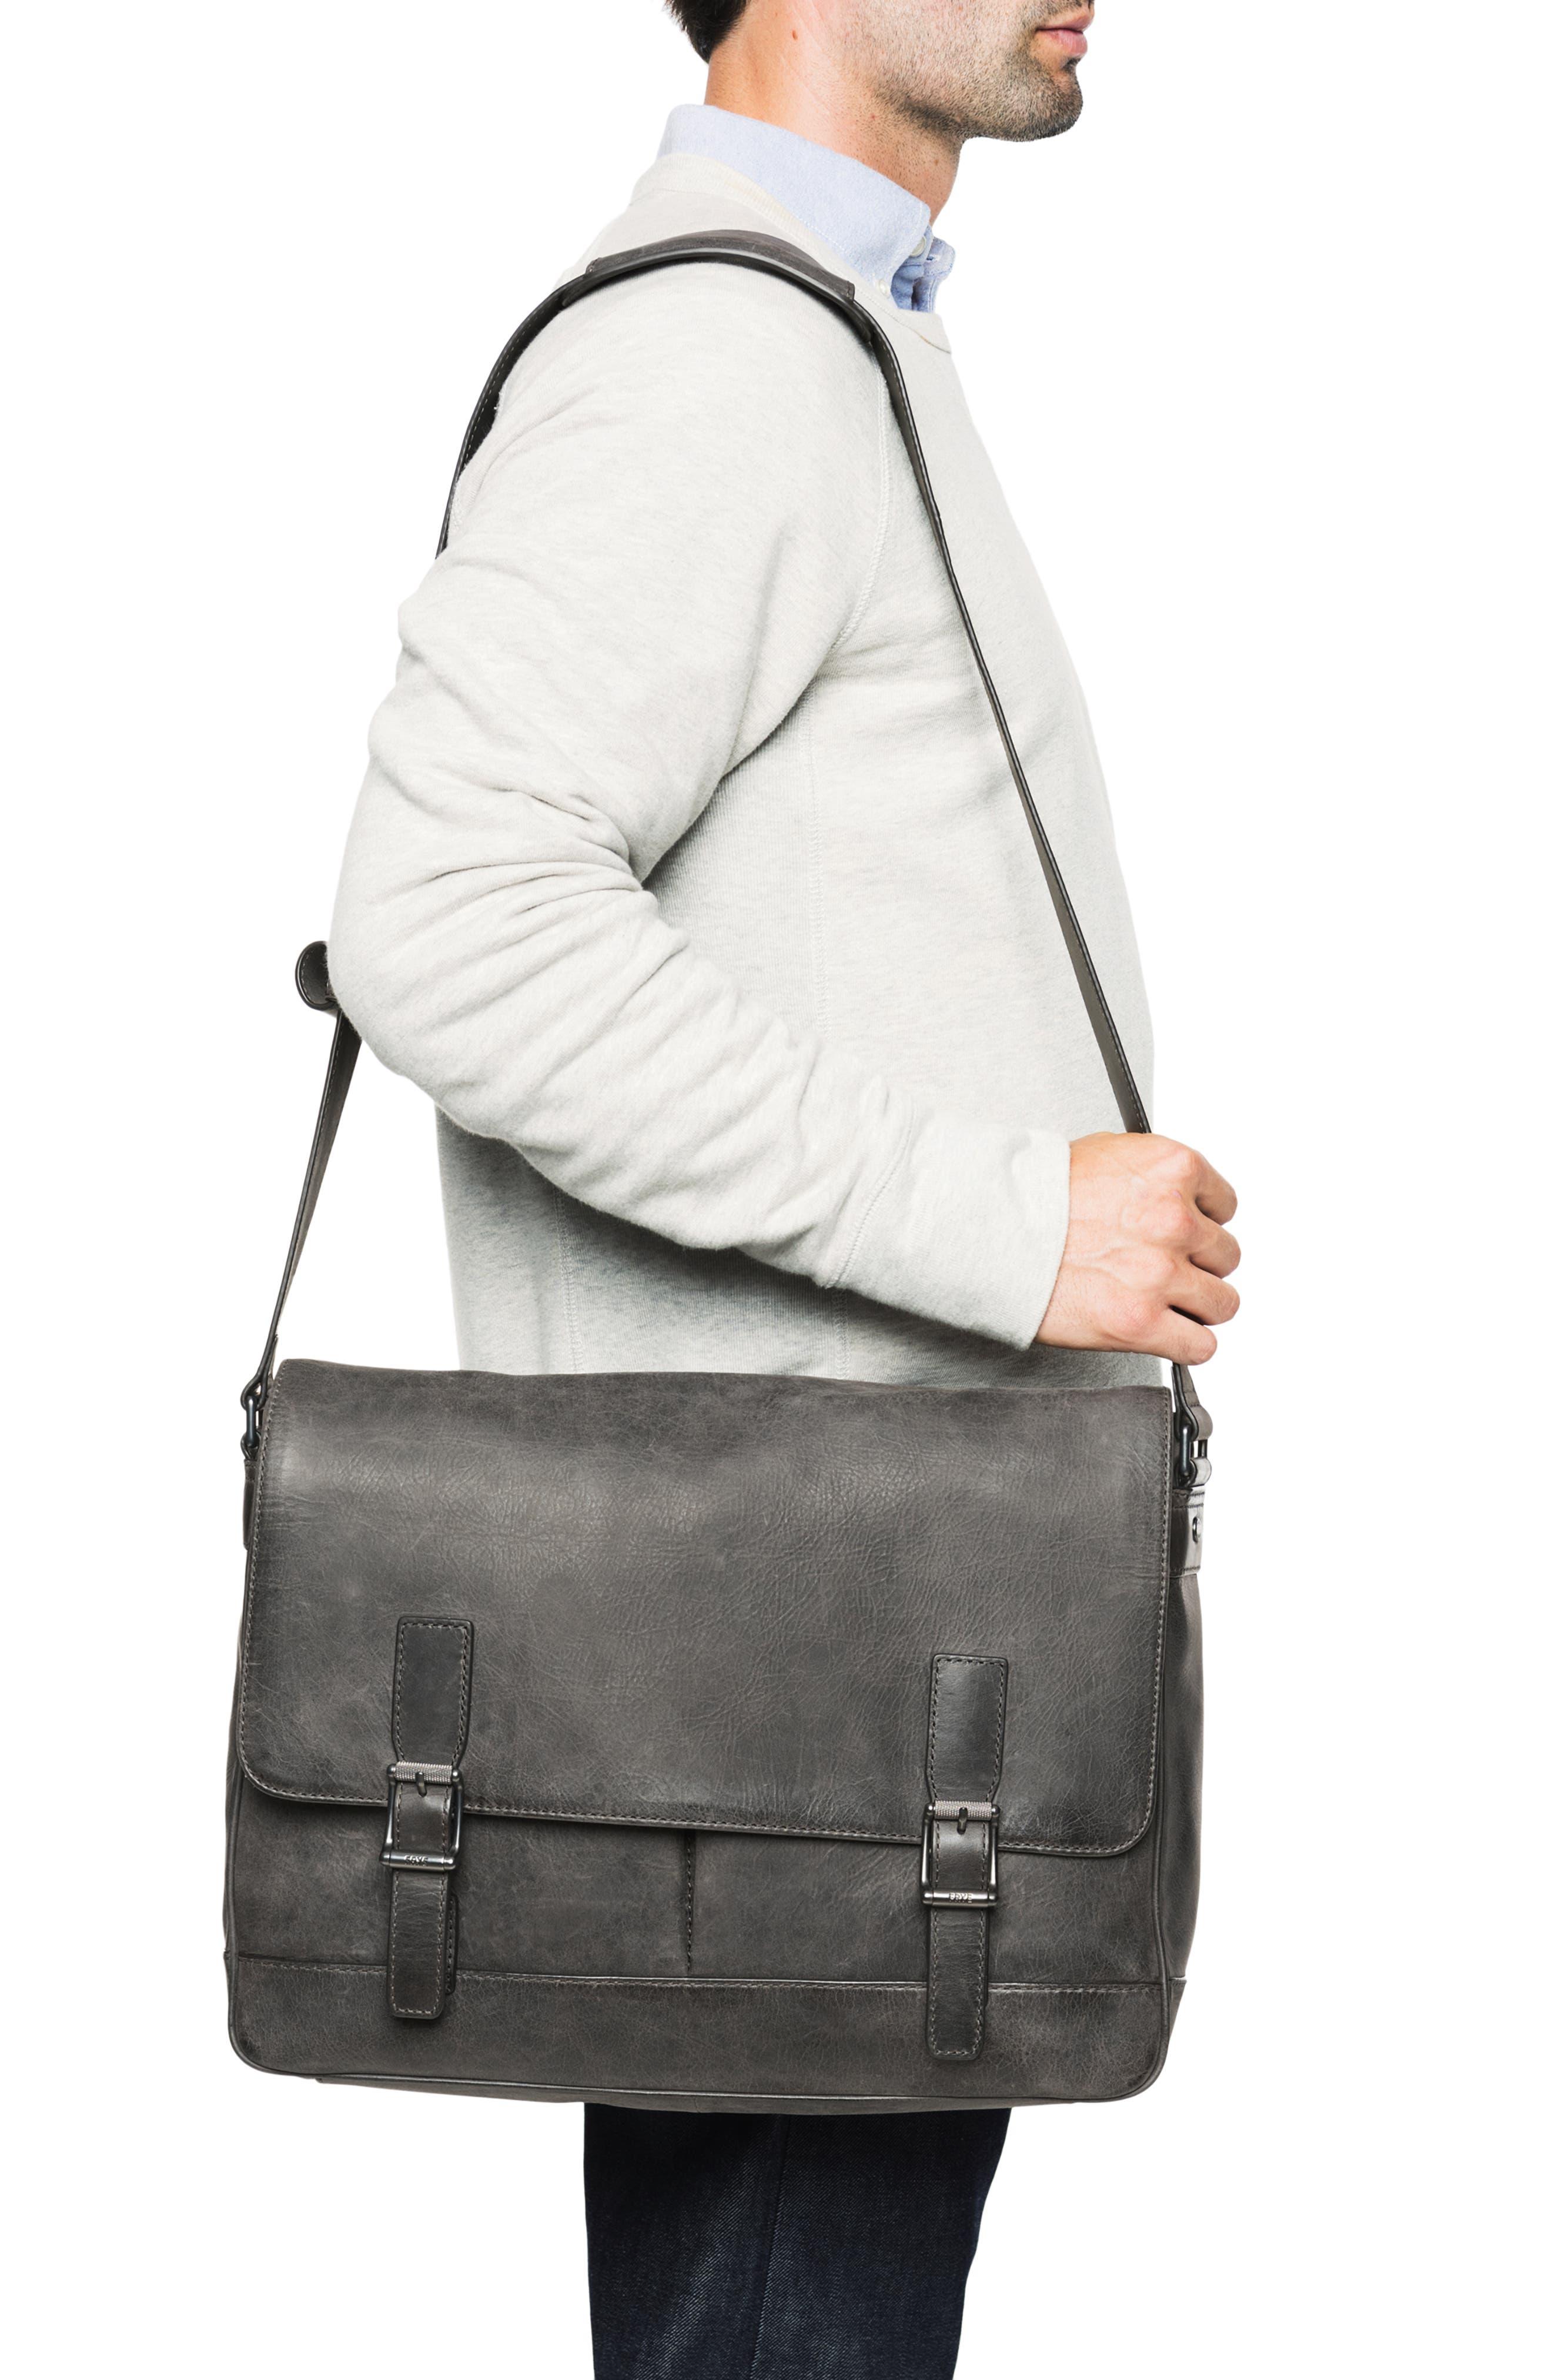 FRYE, Oliver Leather Messenger Bag, Alternate thumbnail 2, color, 031